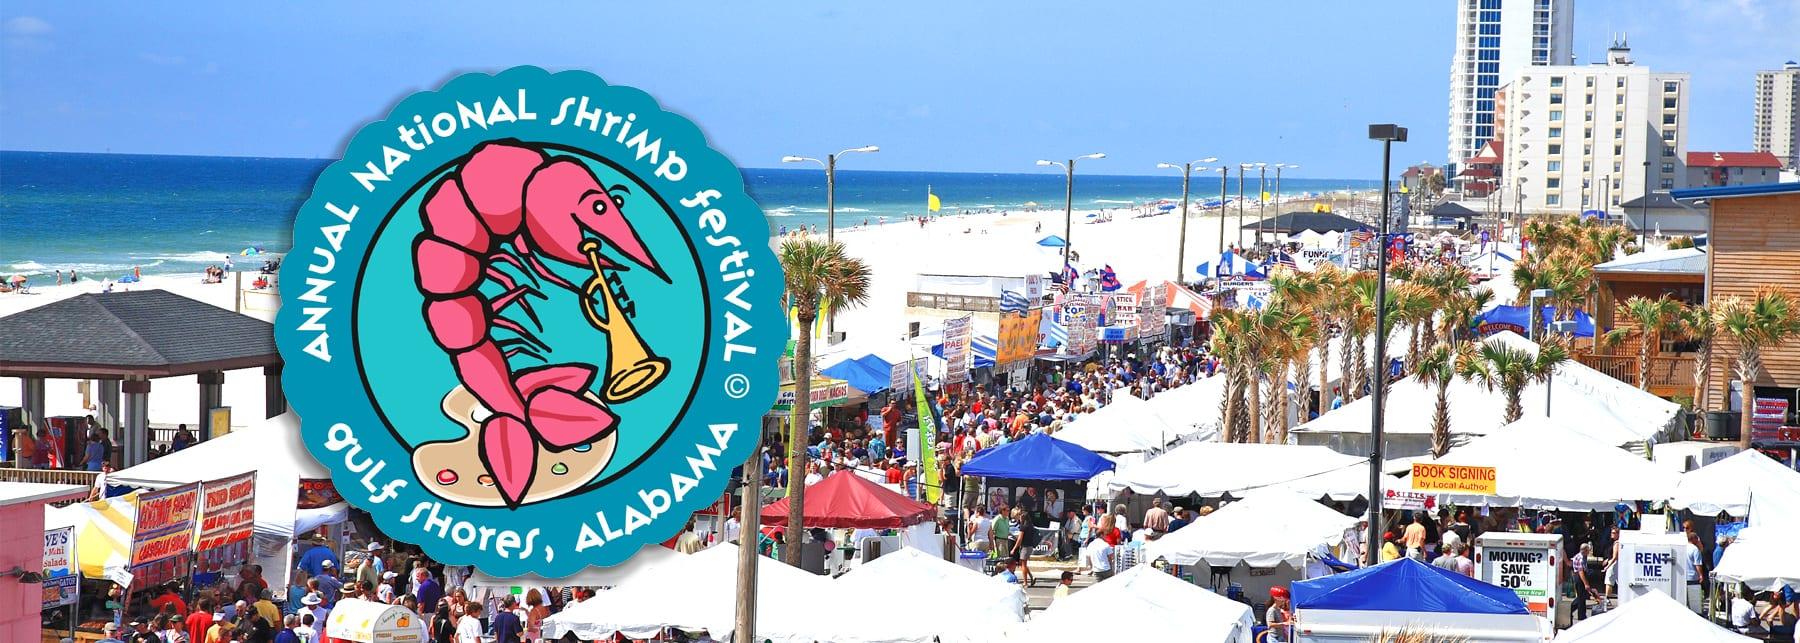 National Shrimp Festival Gulf Shores Alabama